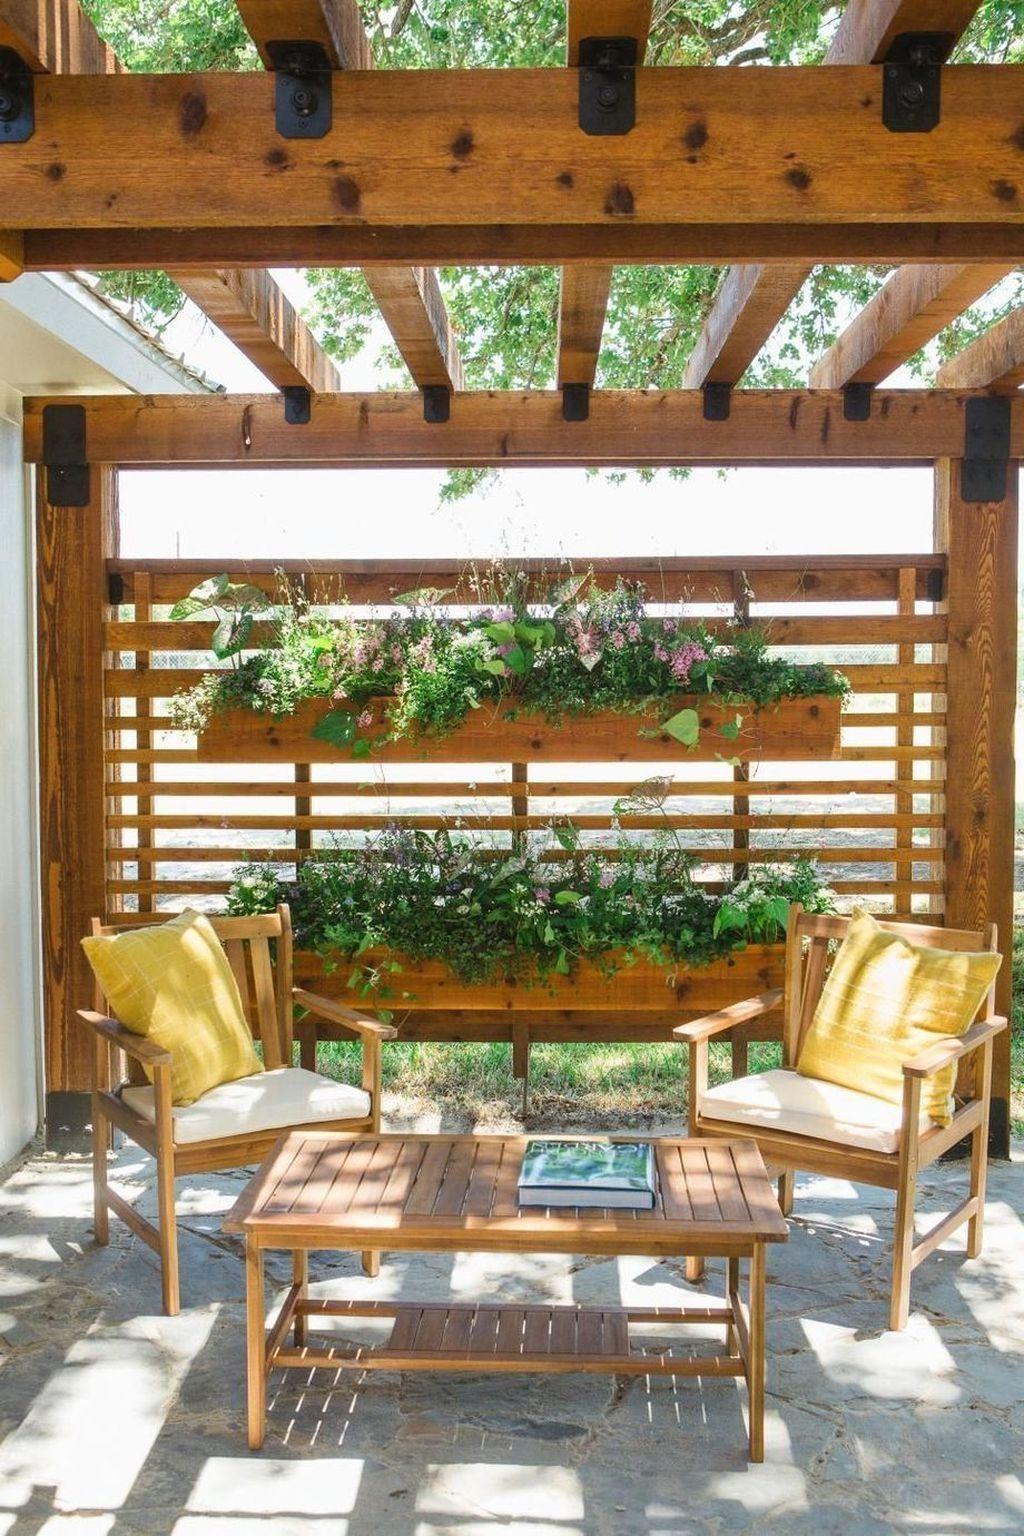 Una Terraza Cubierta Con Un Canisse Una Terraza Cubierta Con Un Canisse Cubierto Canisse Wordpress In 2020 Outdoor Pergola Backyard Pergola Patio Deck Designs